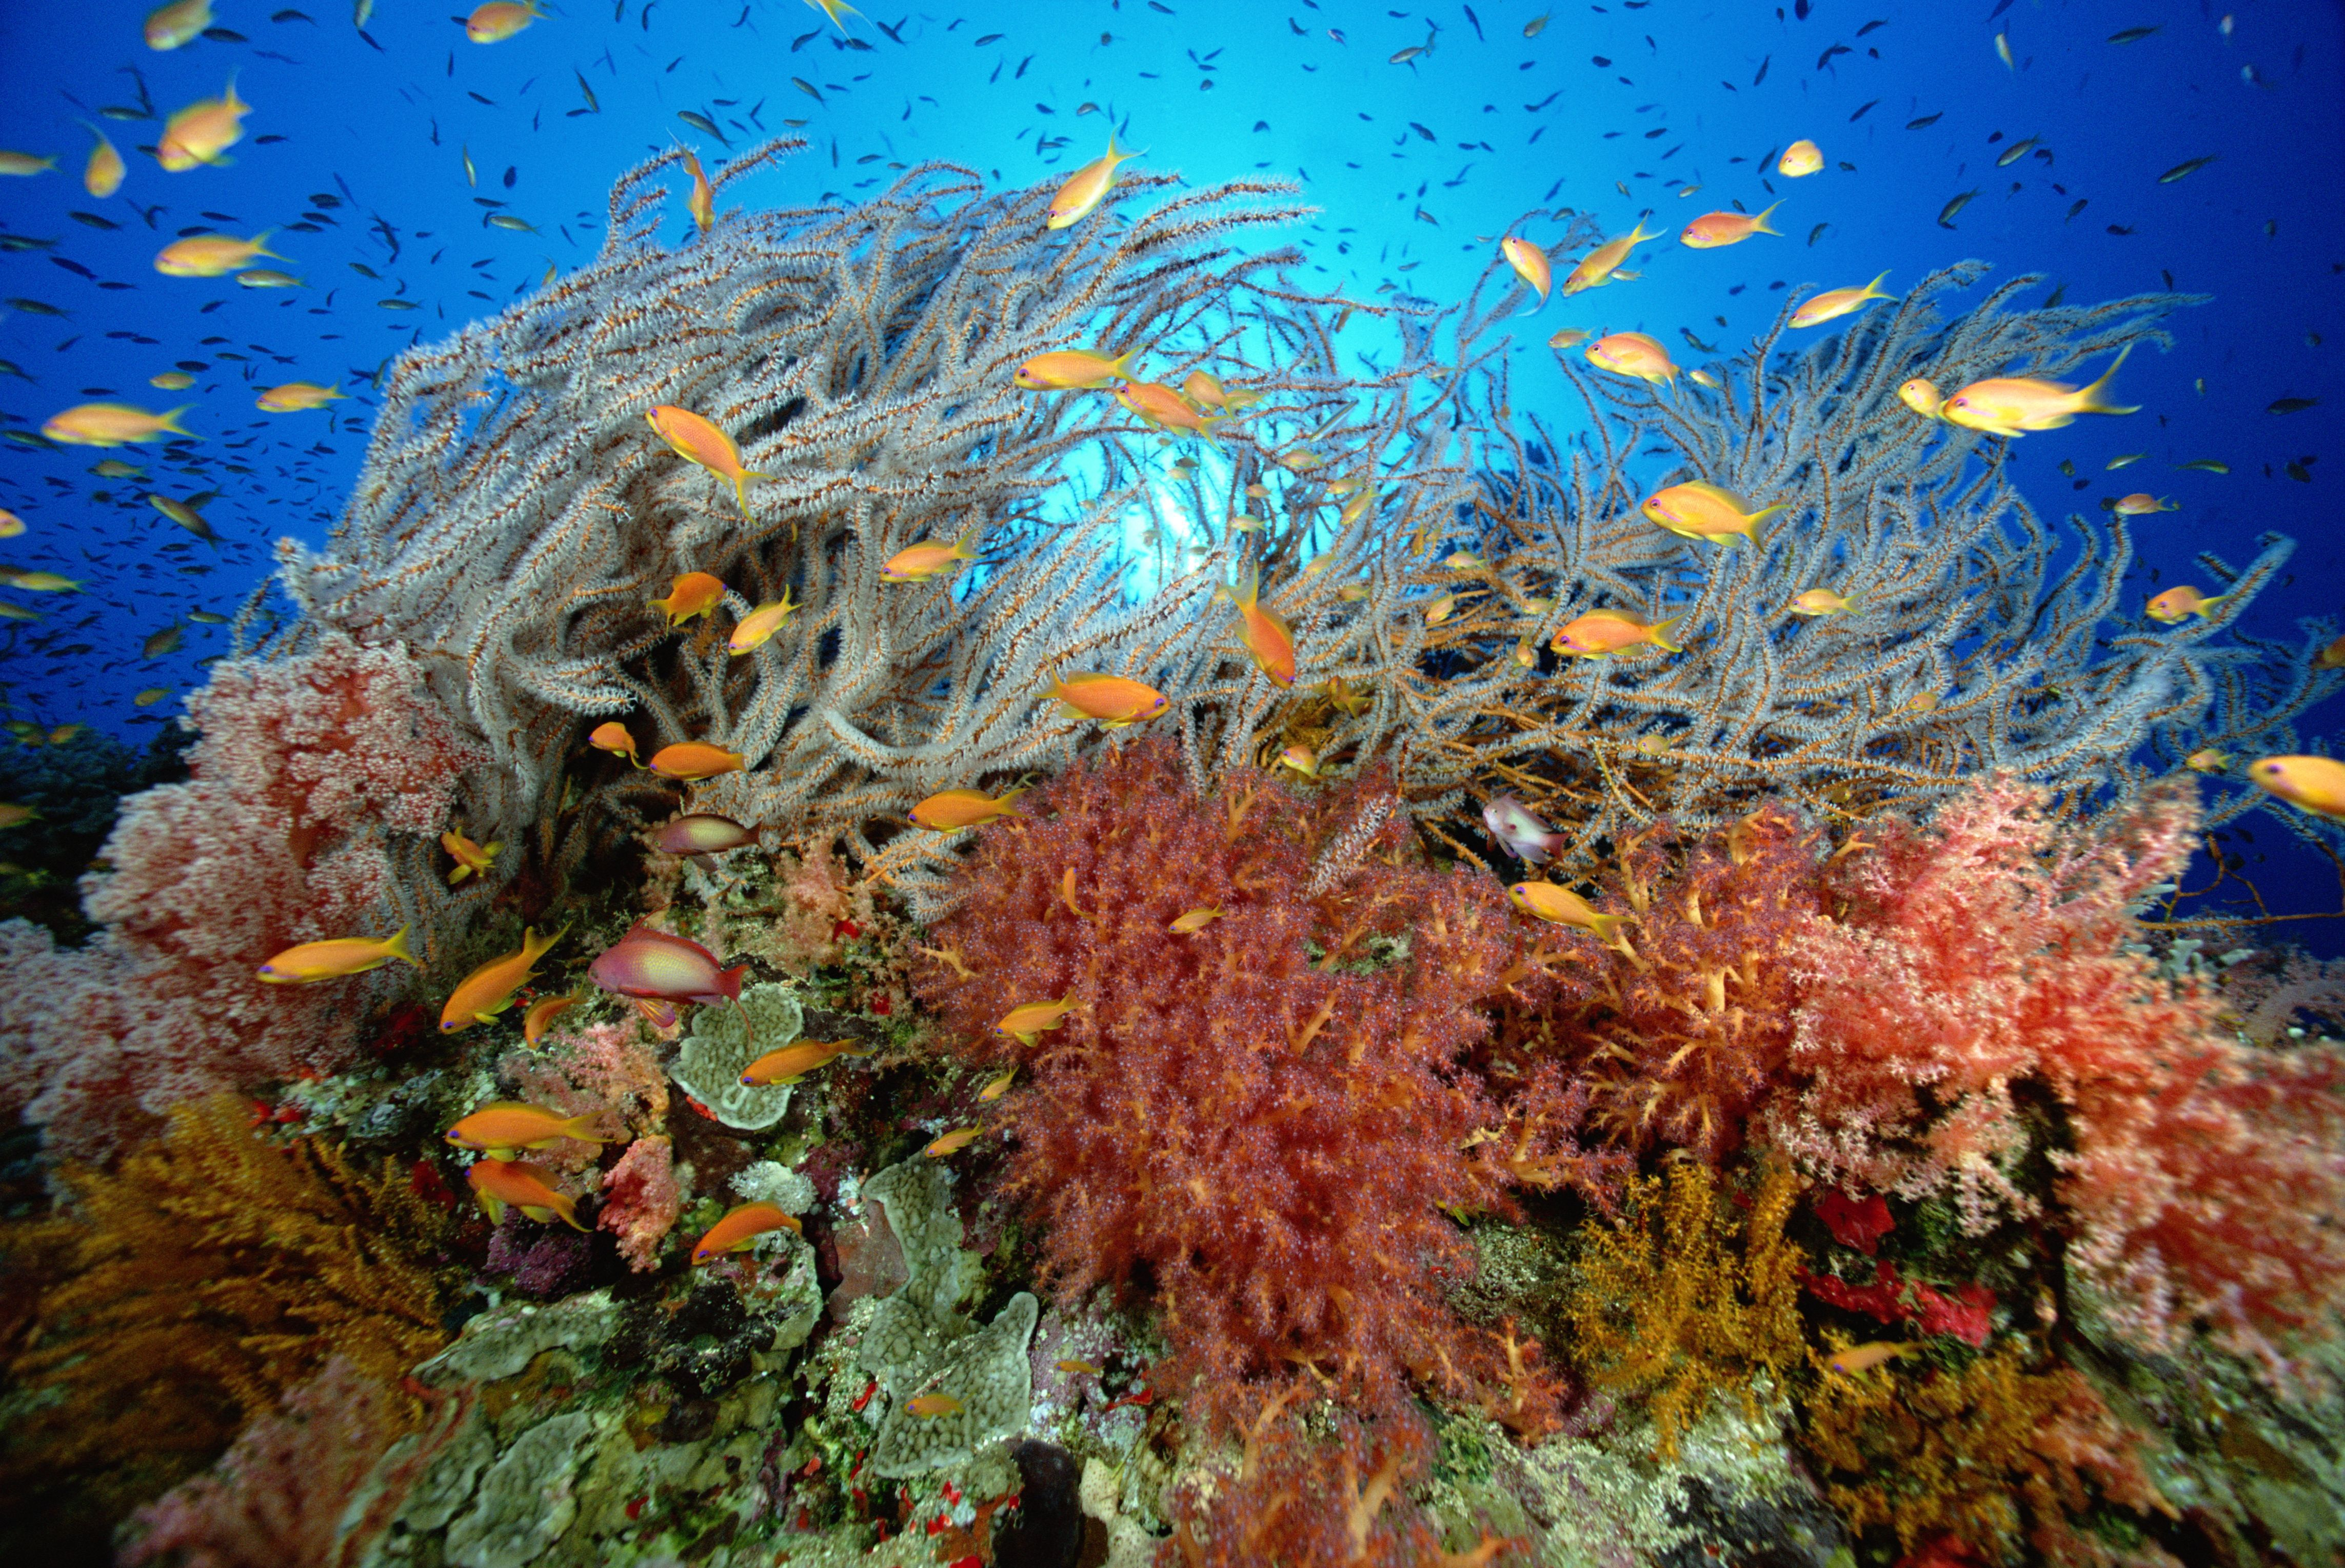 Afinal, os corais são plantas, rochas ou animais?